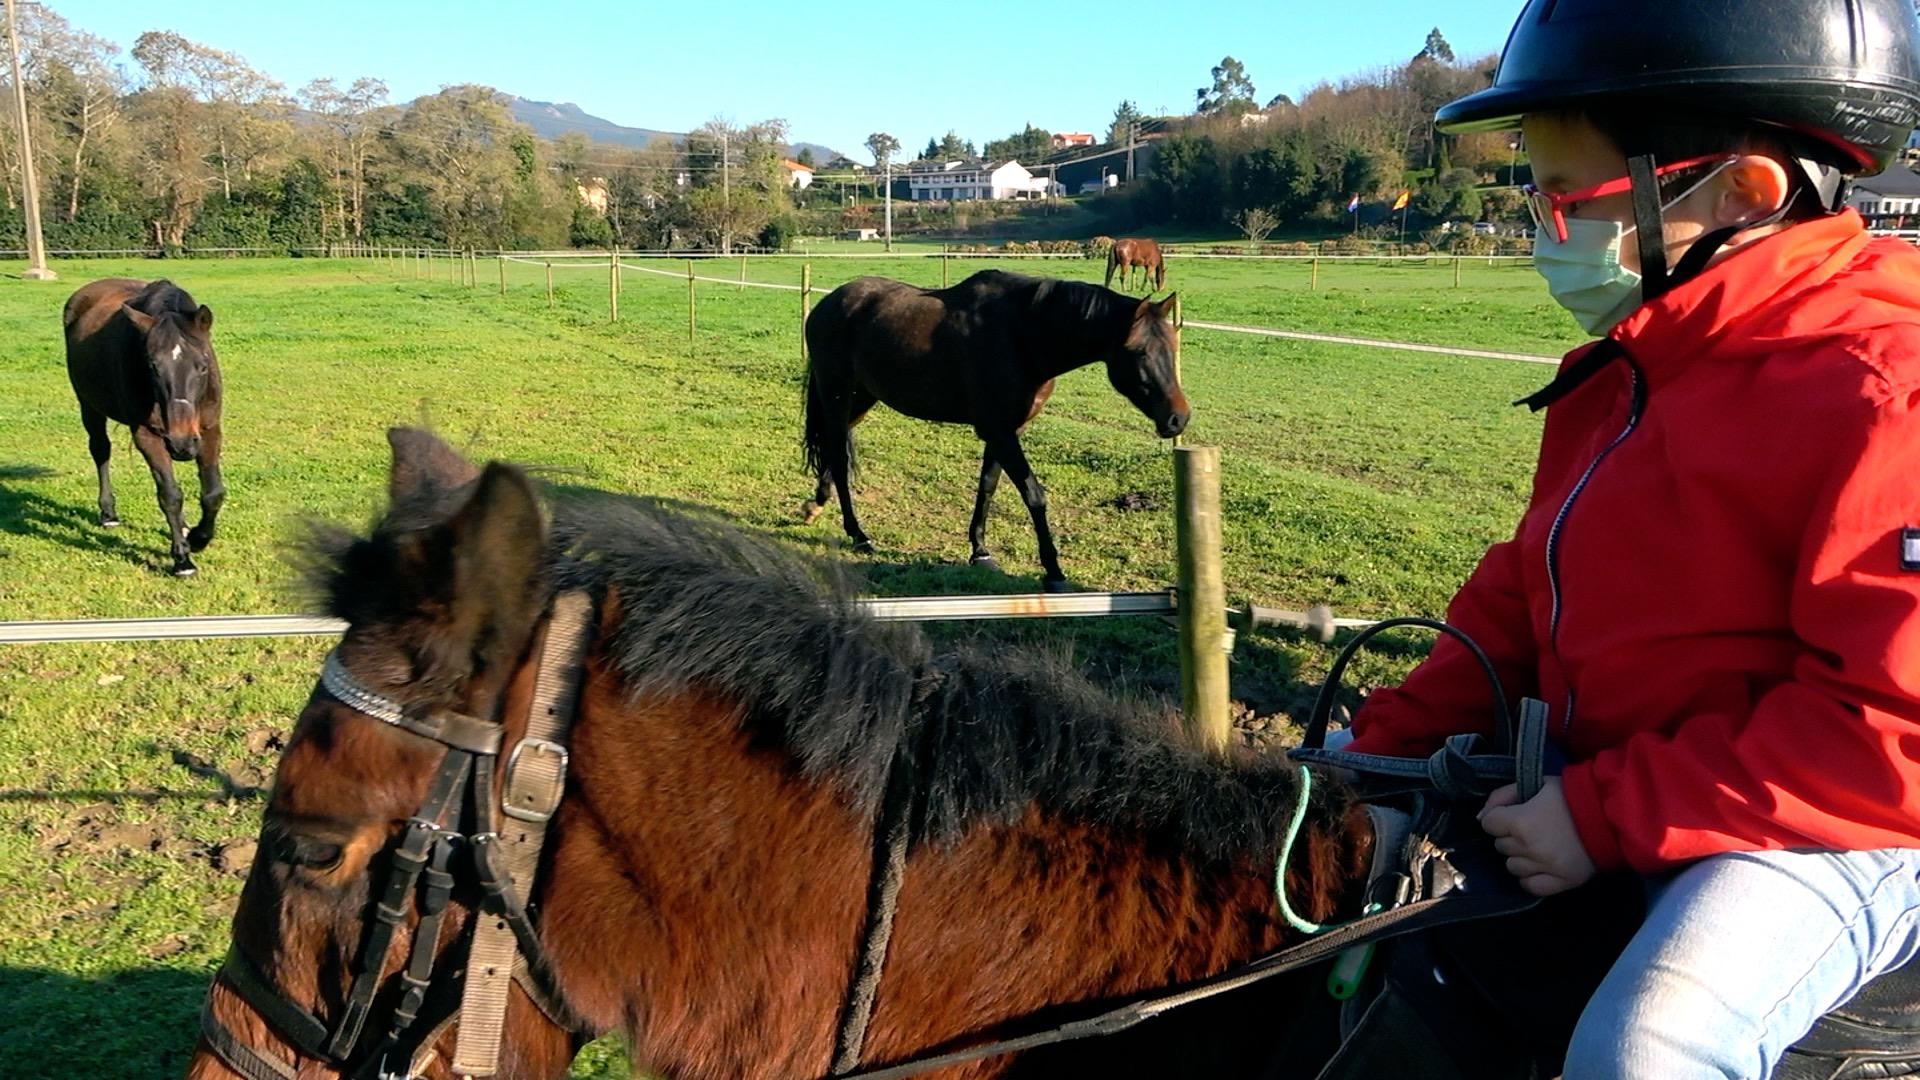 Montar a caballo siempre es una opción que a los pequeños les hace gracia